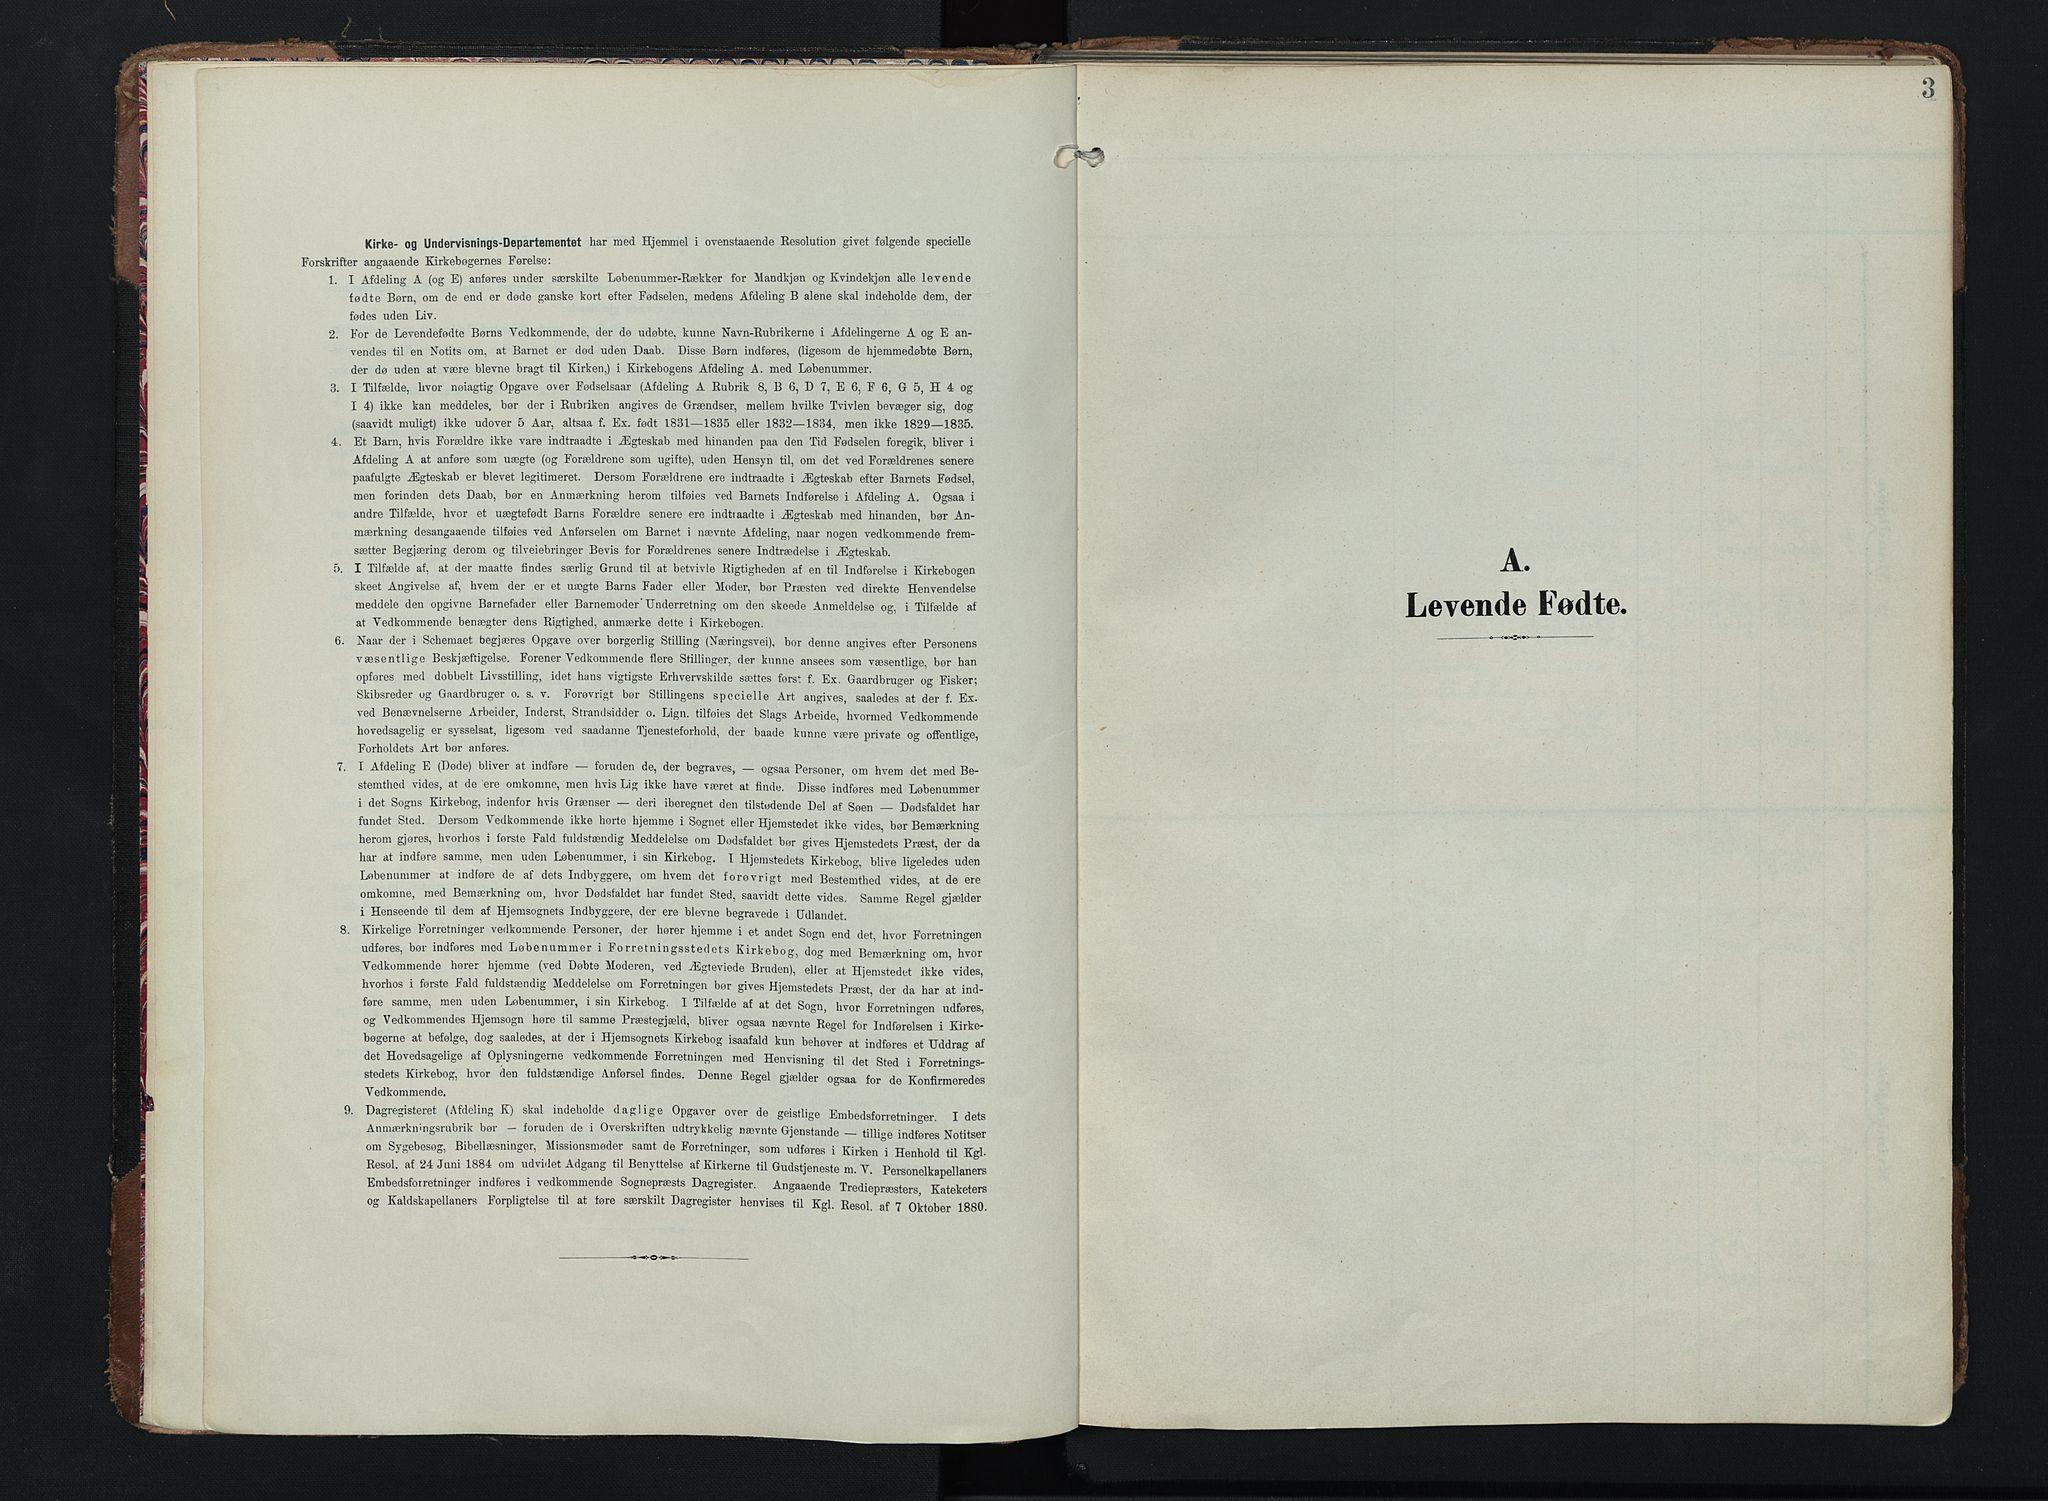 SAH, Lom prestekontor, K/L0011: Ministerialbok nr. 11, 1904-1928, s. 3